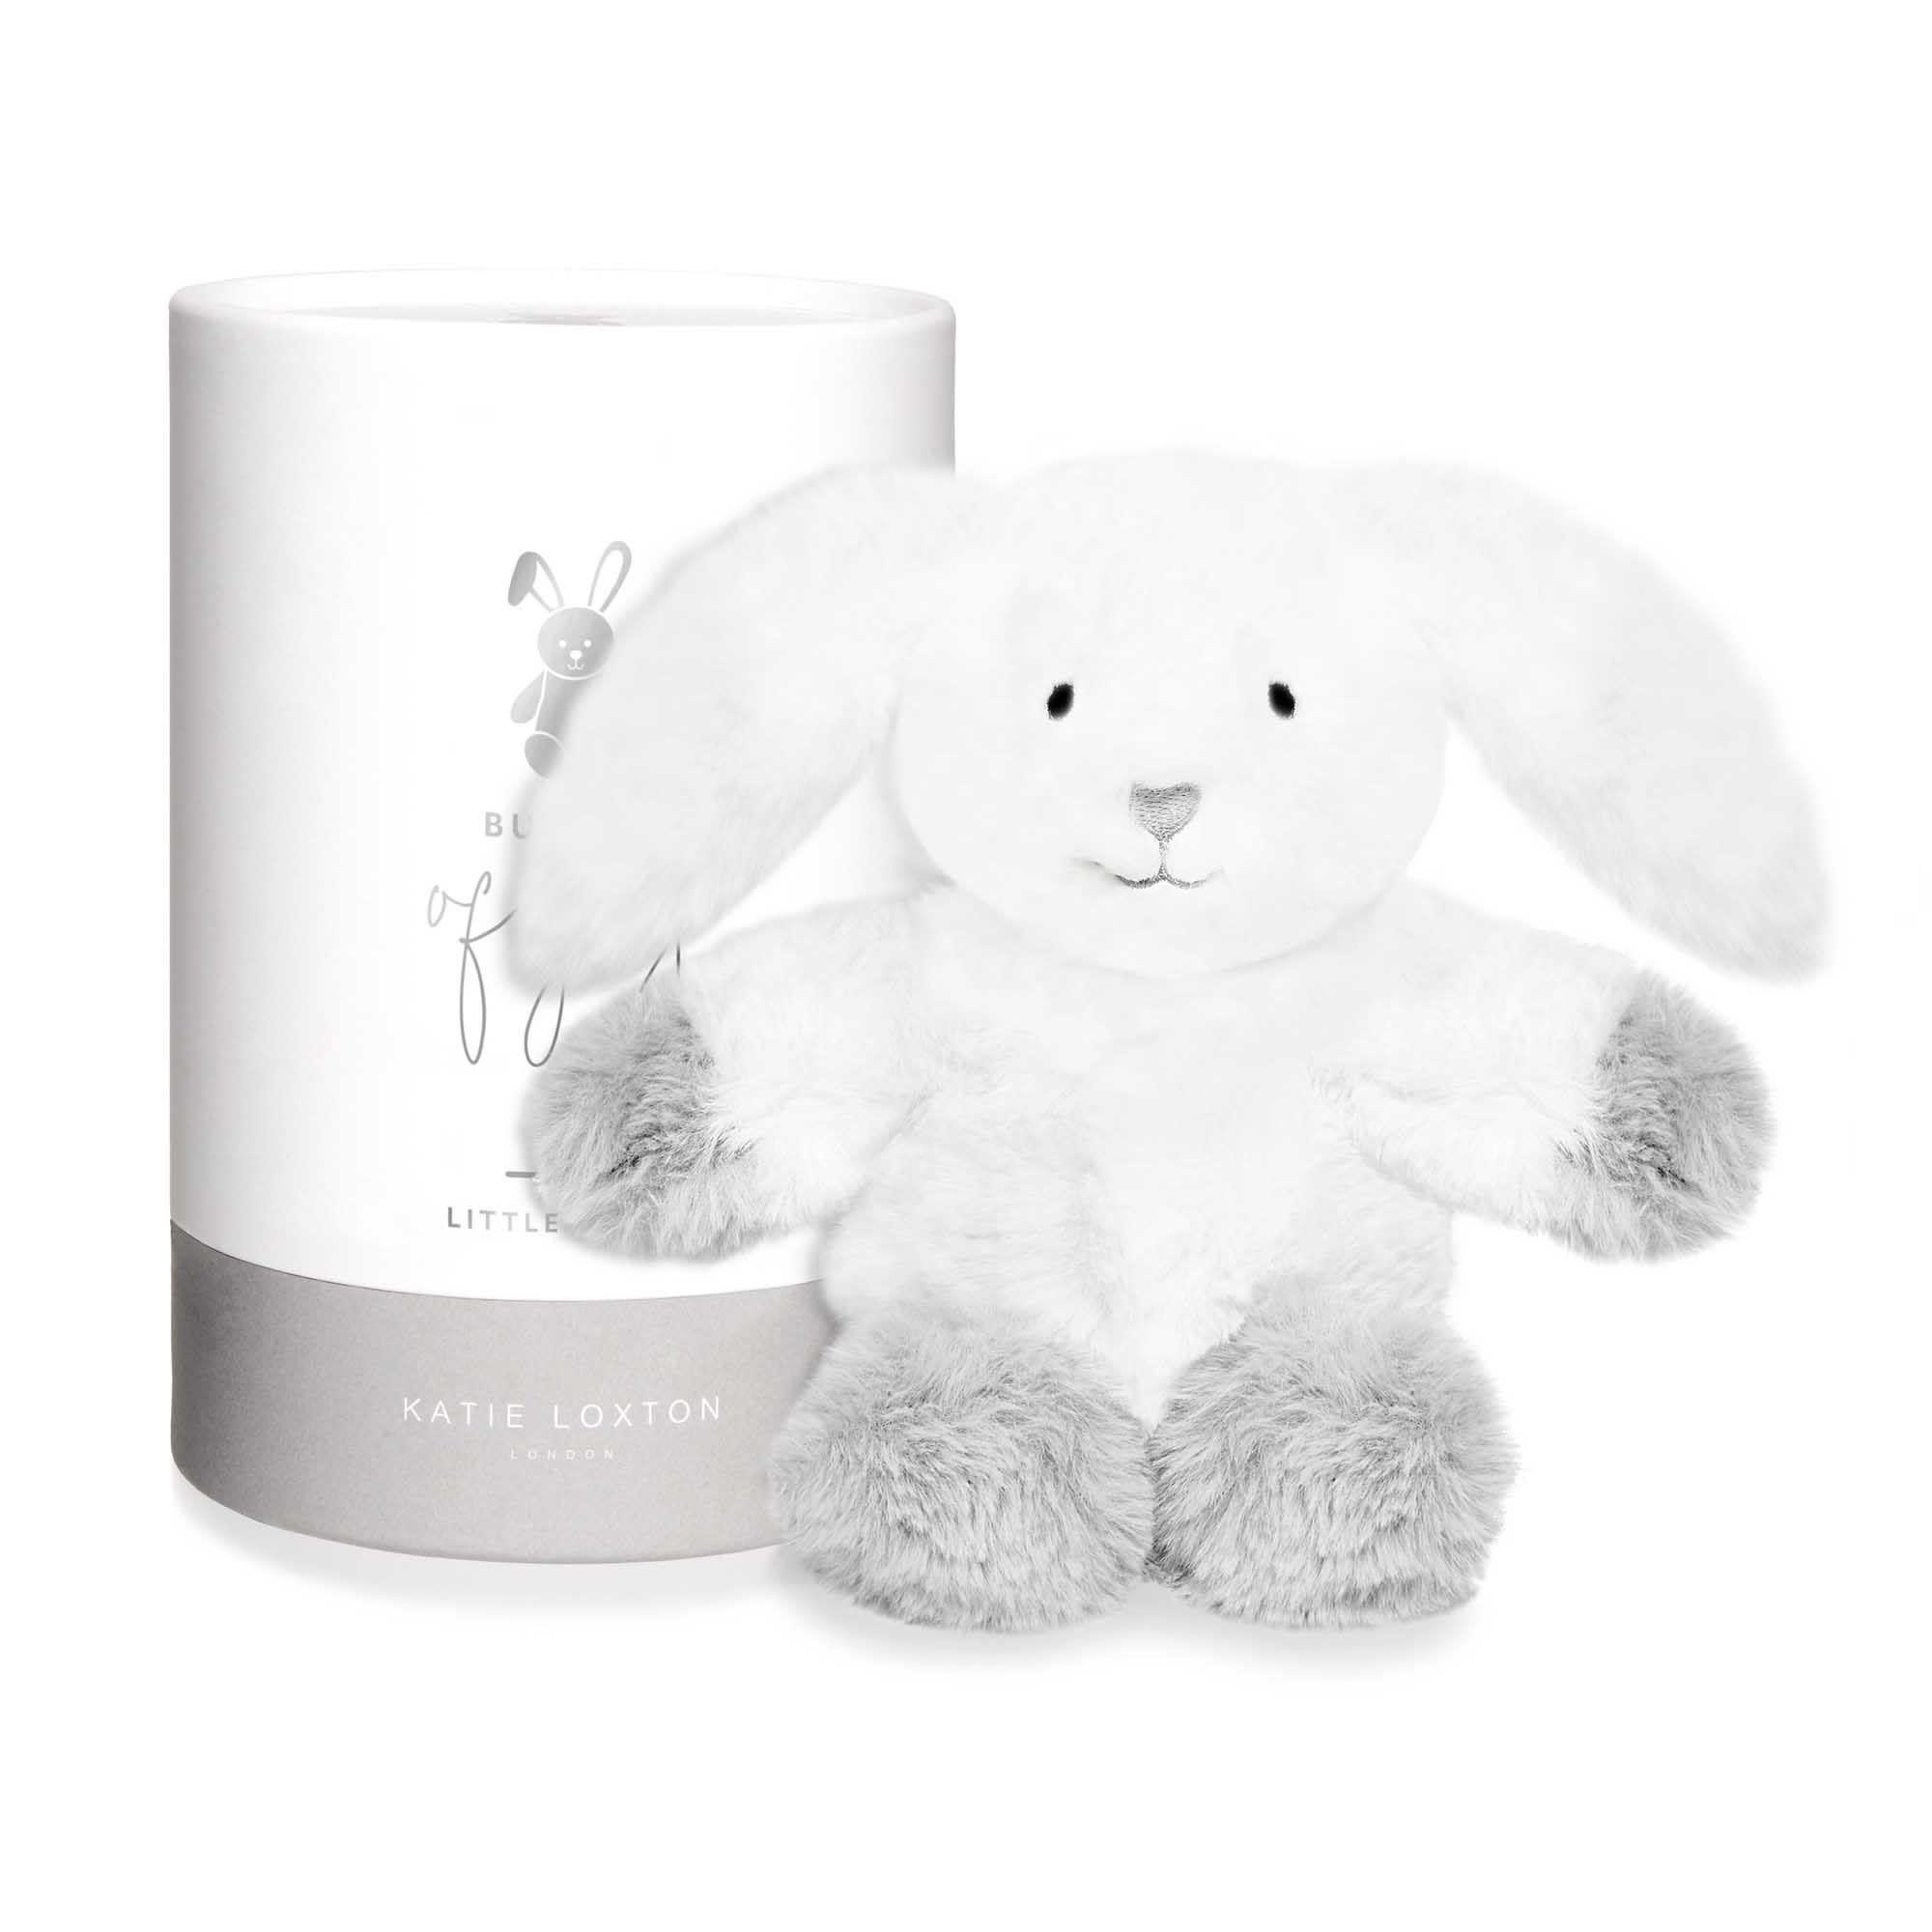 Katie Loxton Plush Toy Gift - Bunny